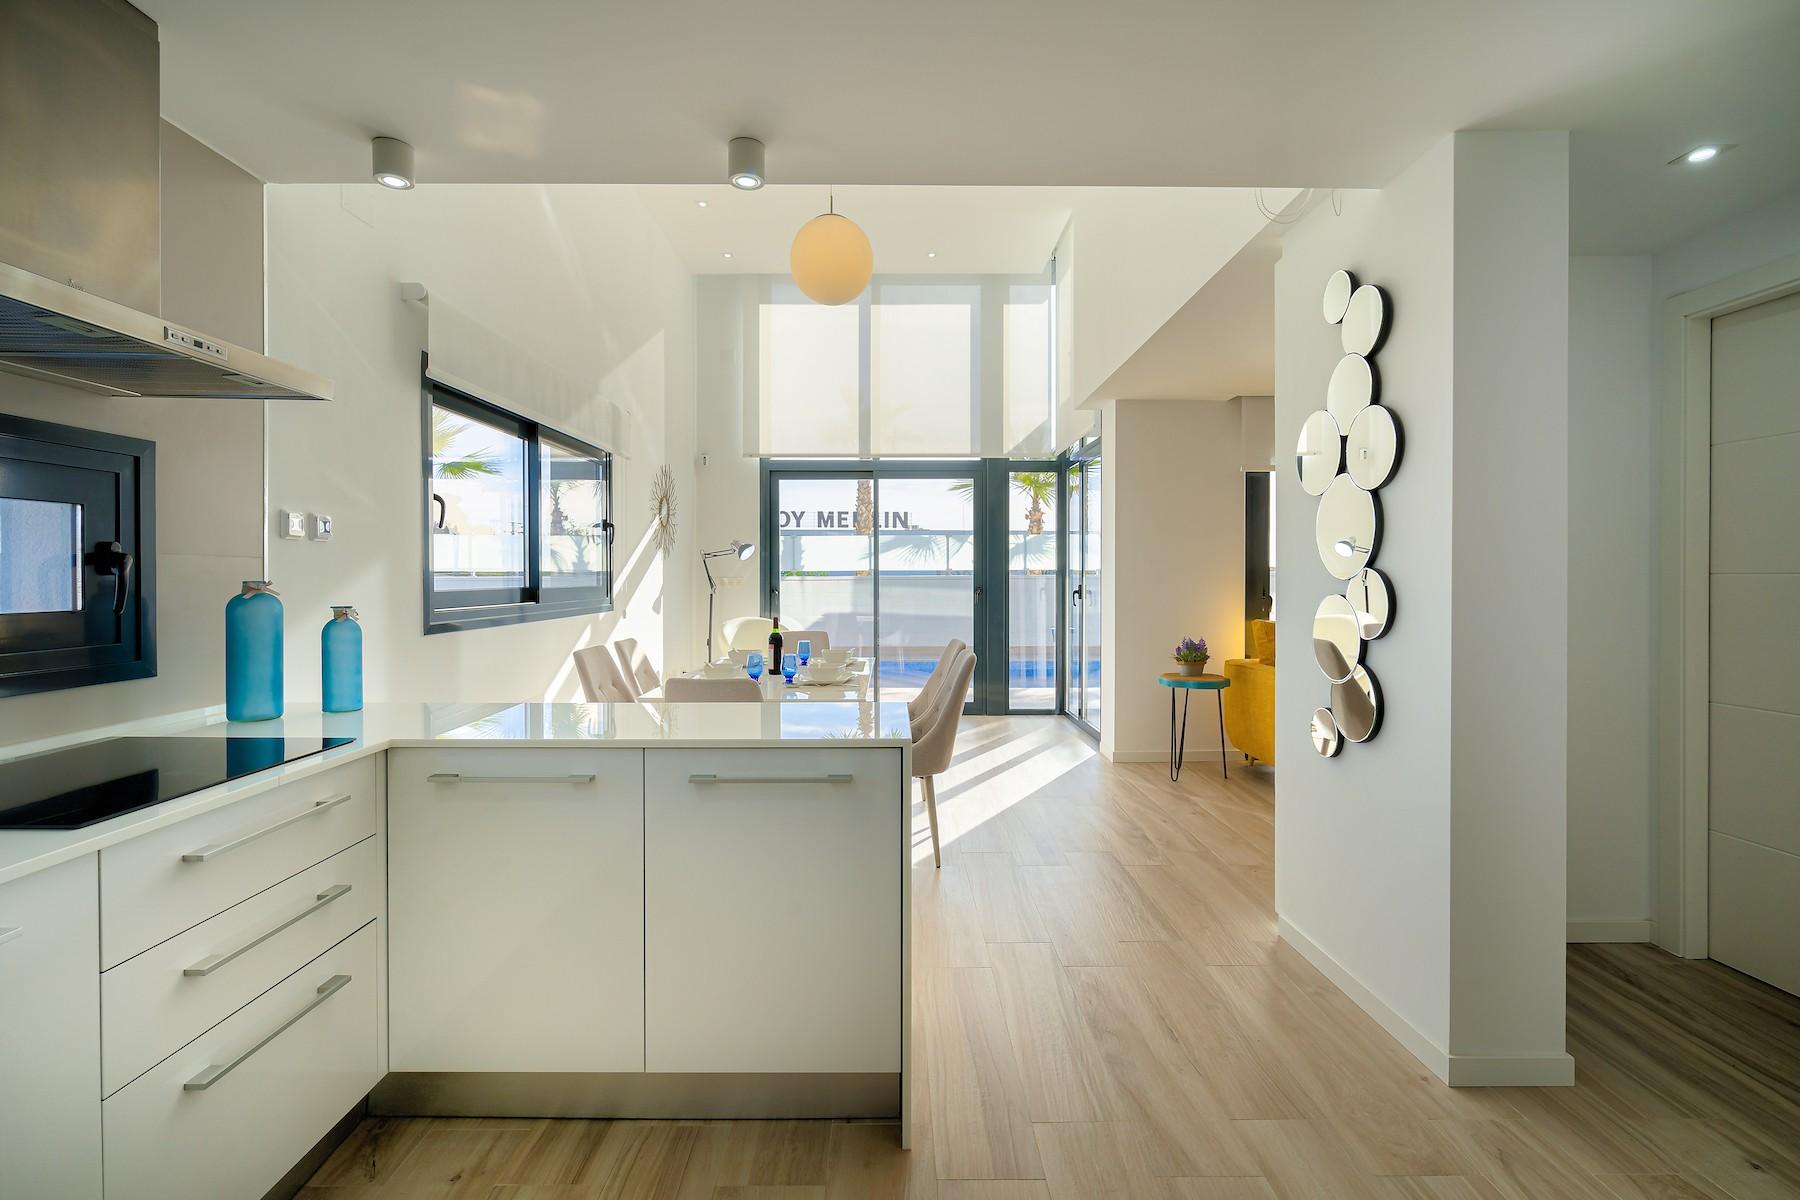 3 bedroom, 3 bath luxury new build villa